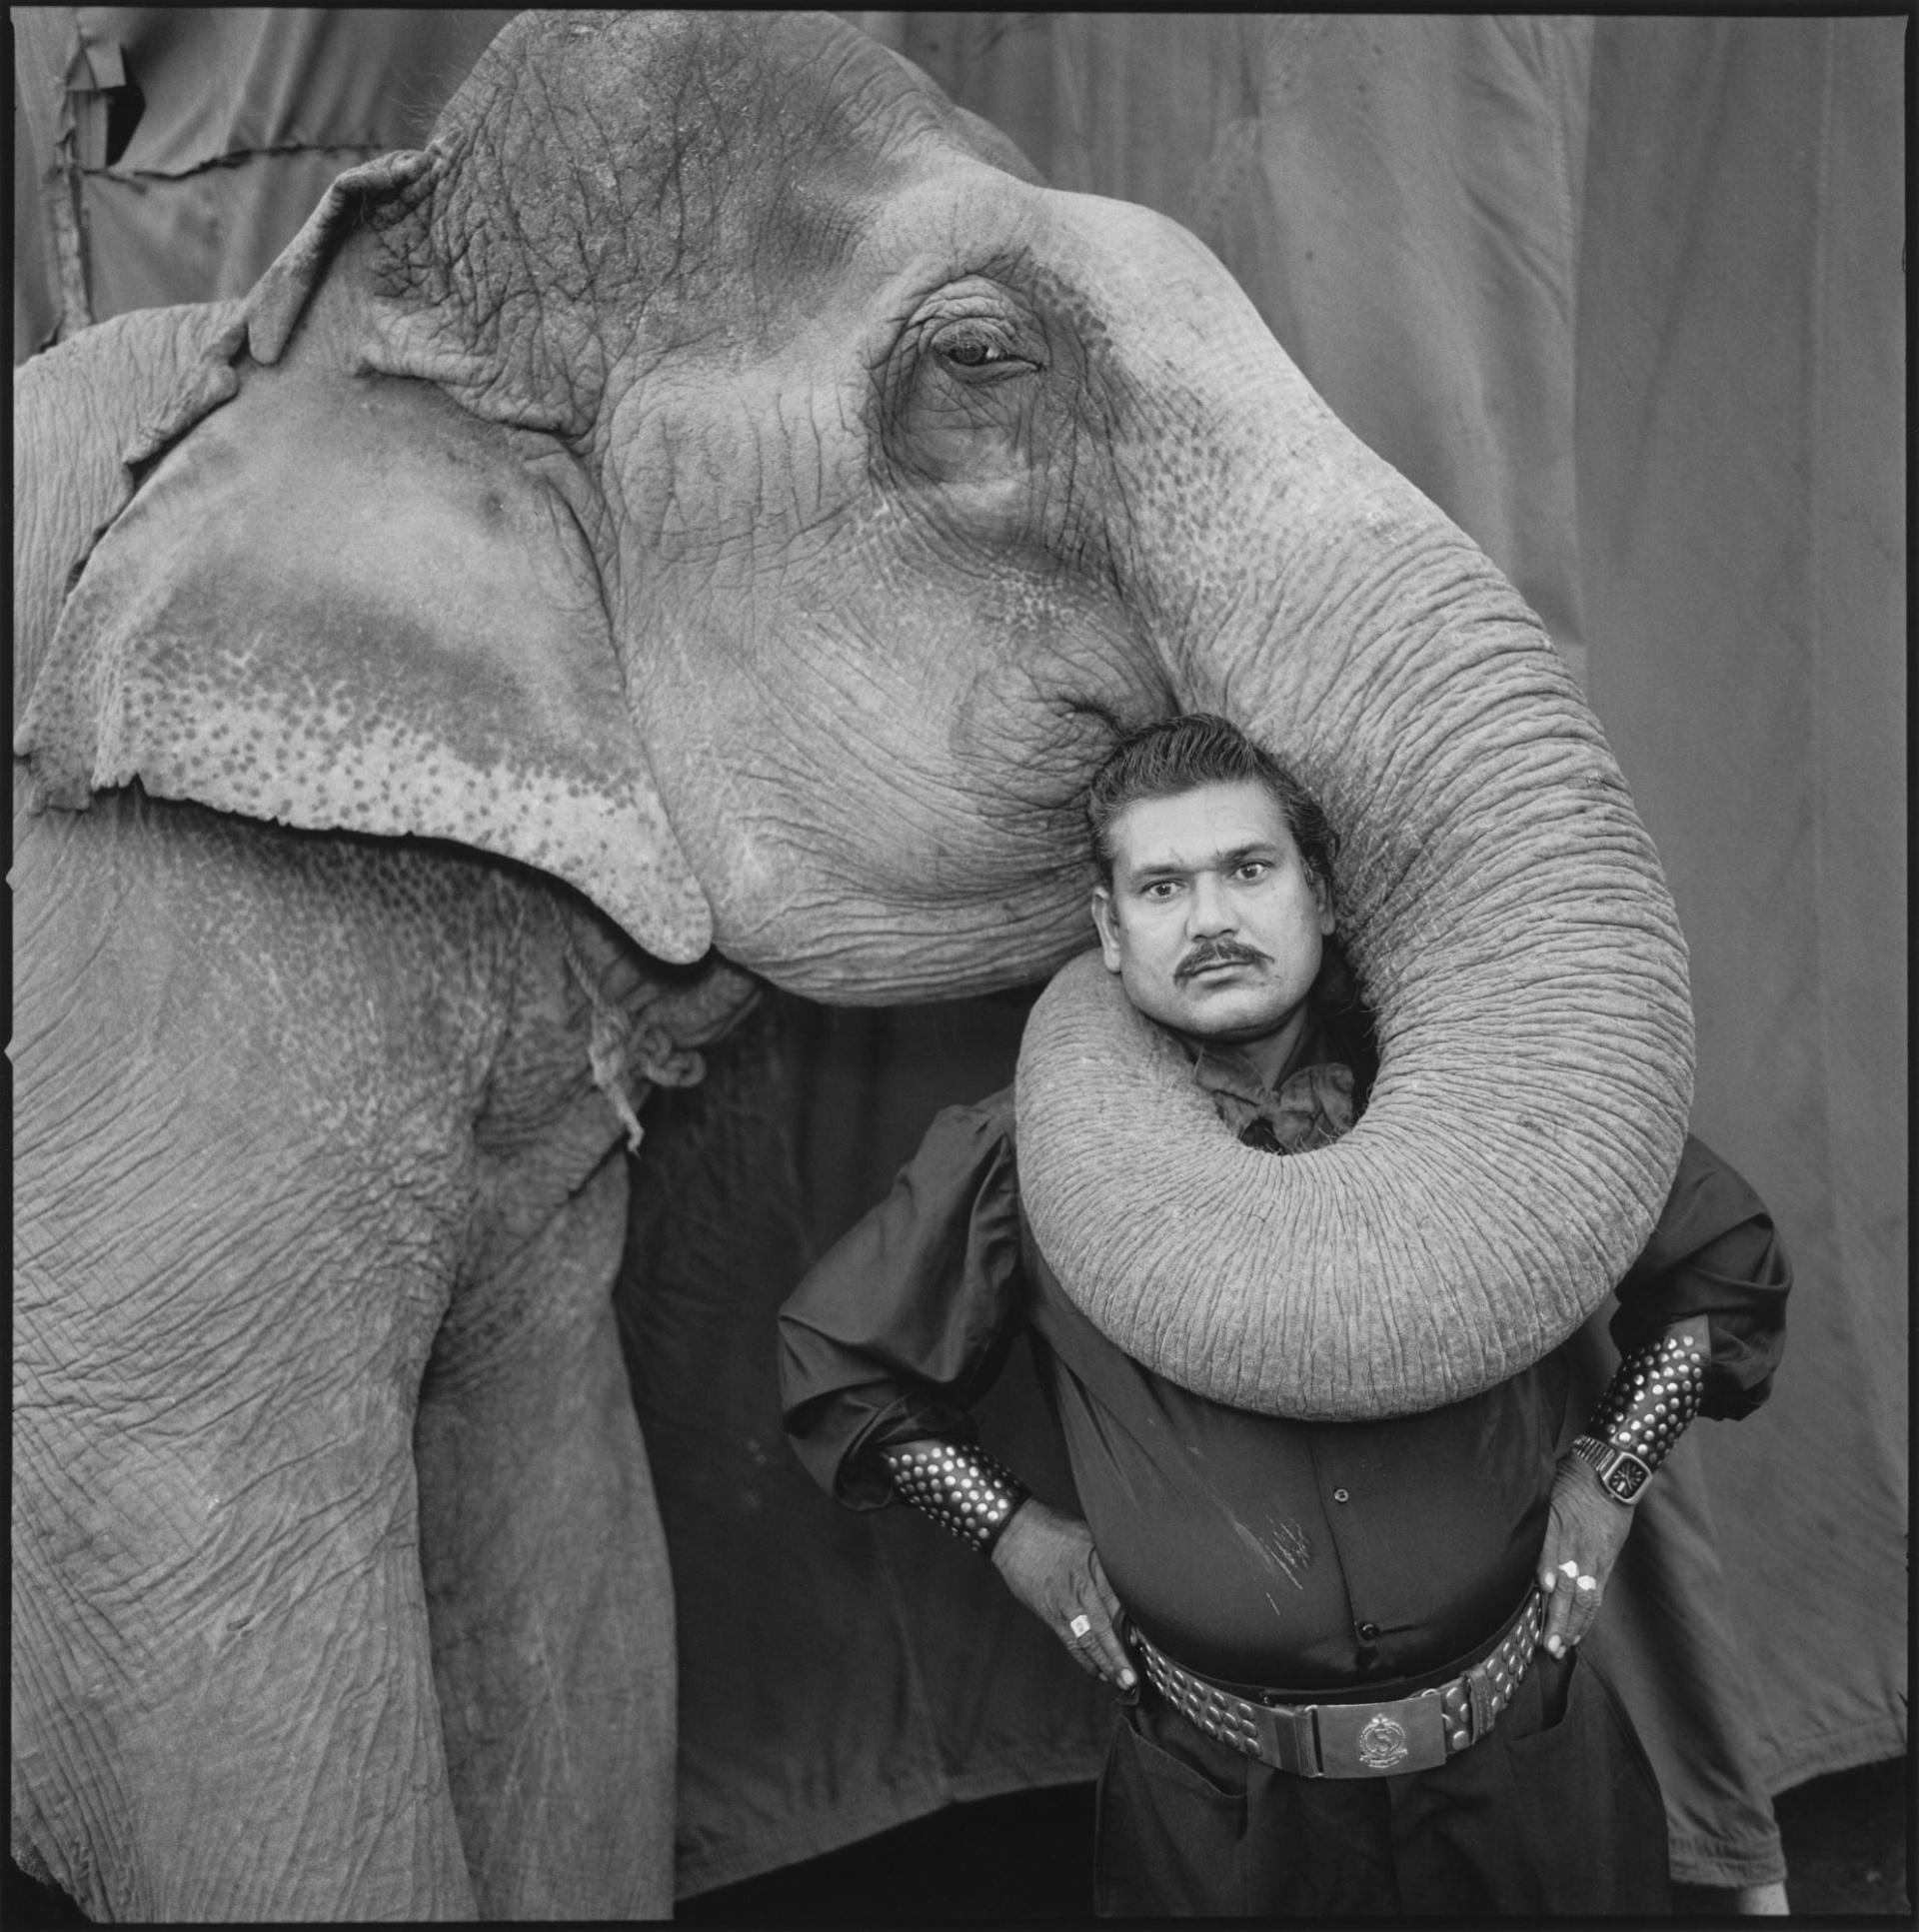 Рам Пракаш Сингх со своим слоном Шьямой. Великий золотой цирк. Ахмадабад, Индия. 1990 г.